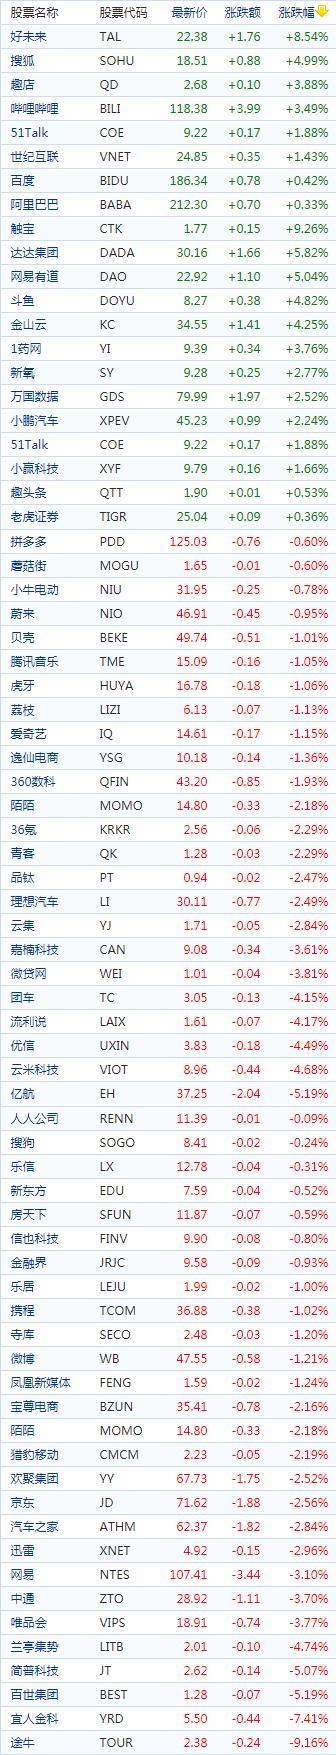 中国概念股周五收盘涨跌互现 在线教育股集体反弹好未来涨逾8%